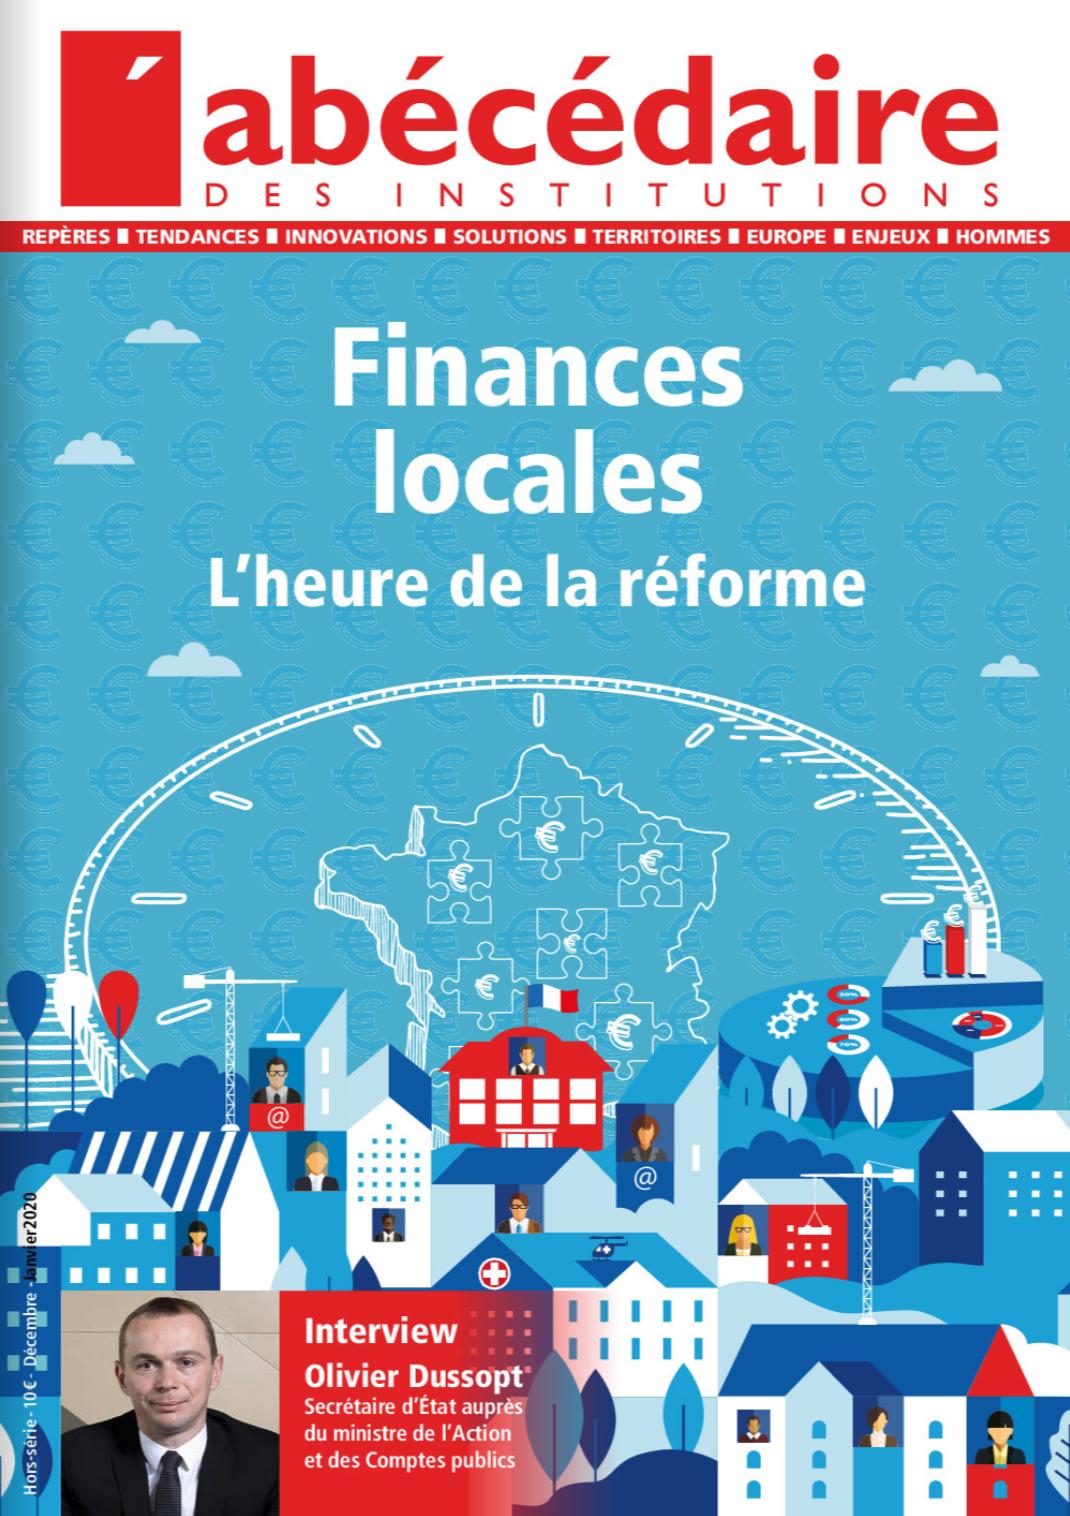 Finances locales : l'heure de la réforme